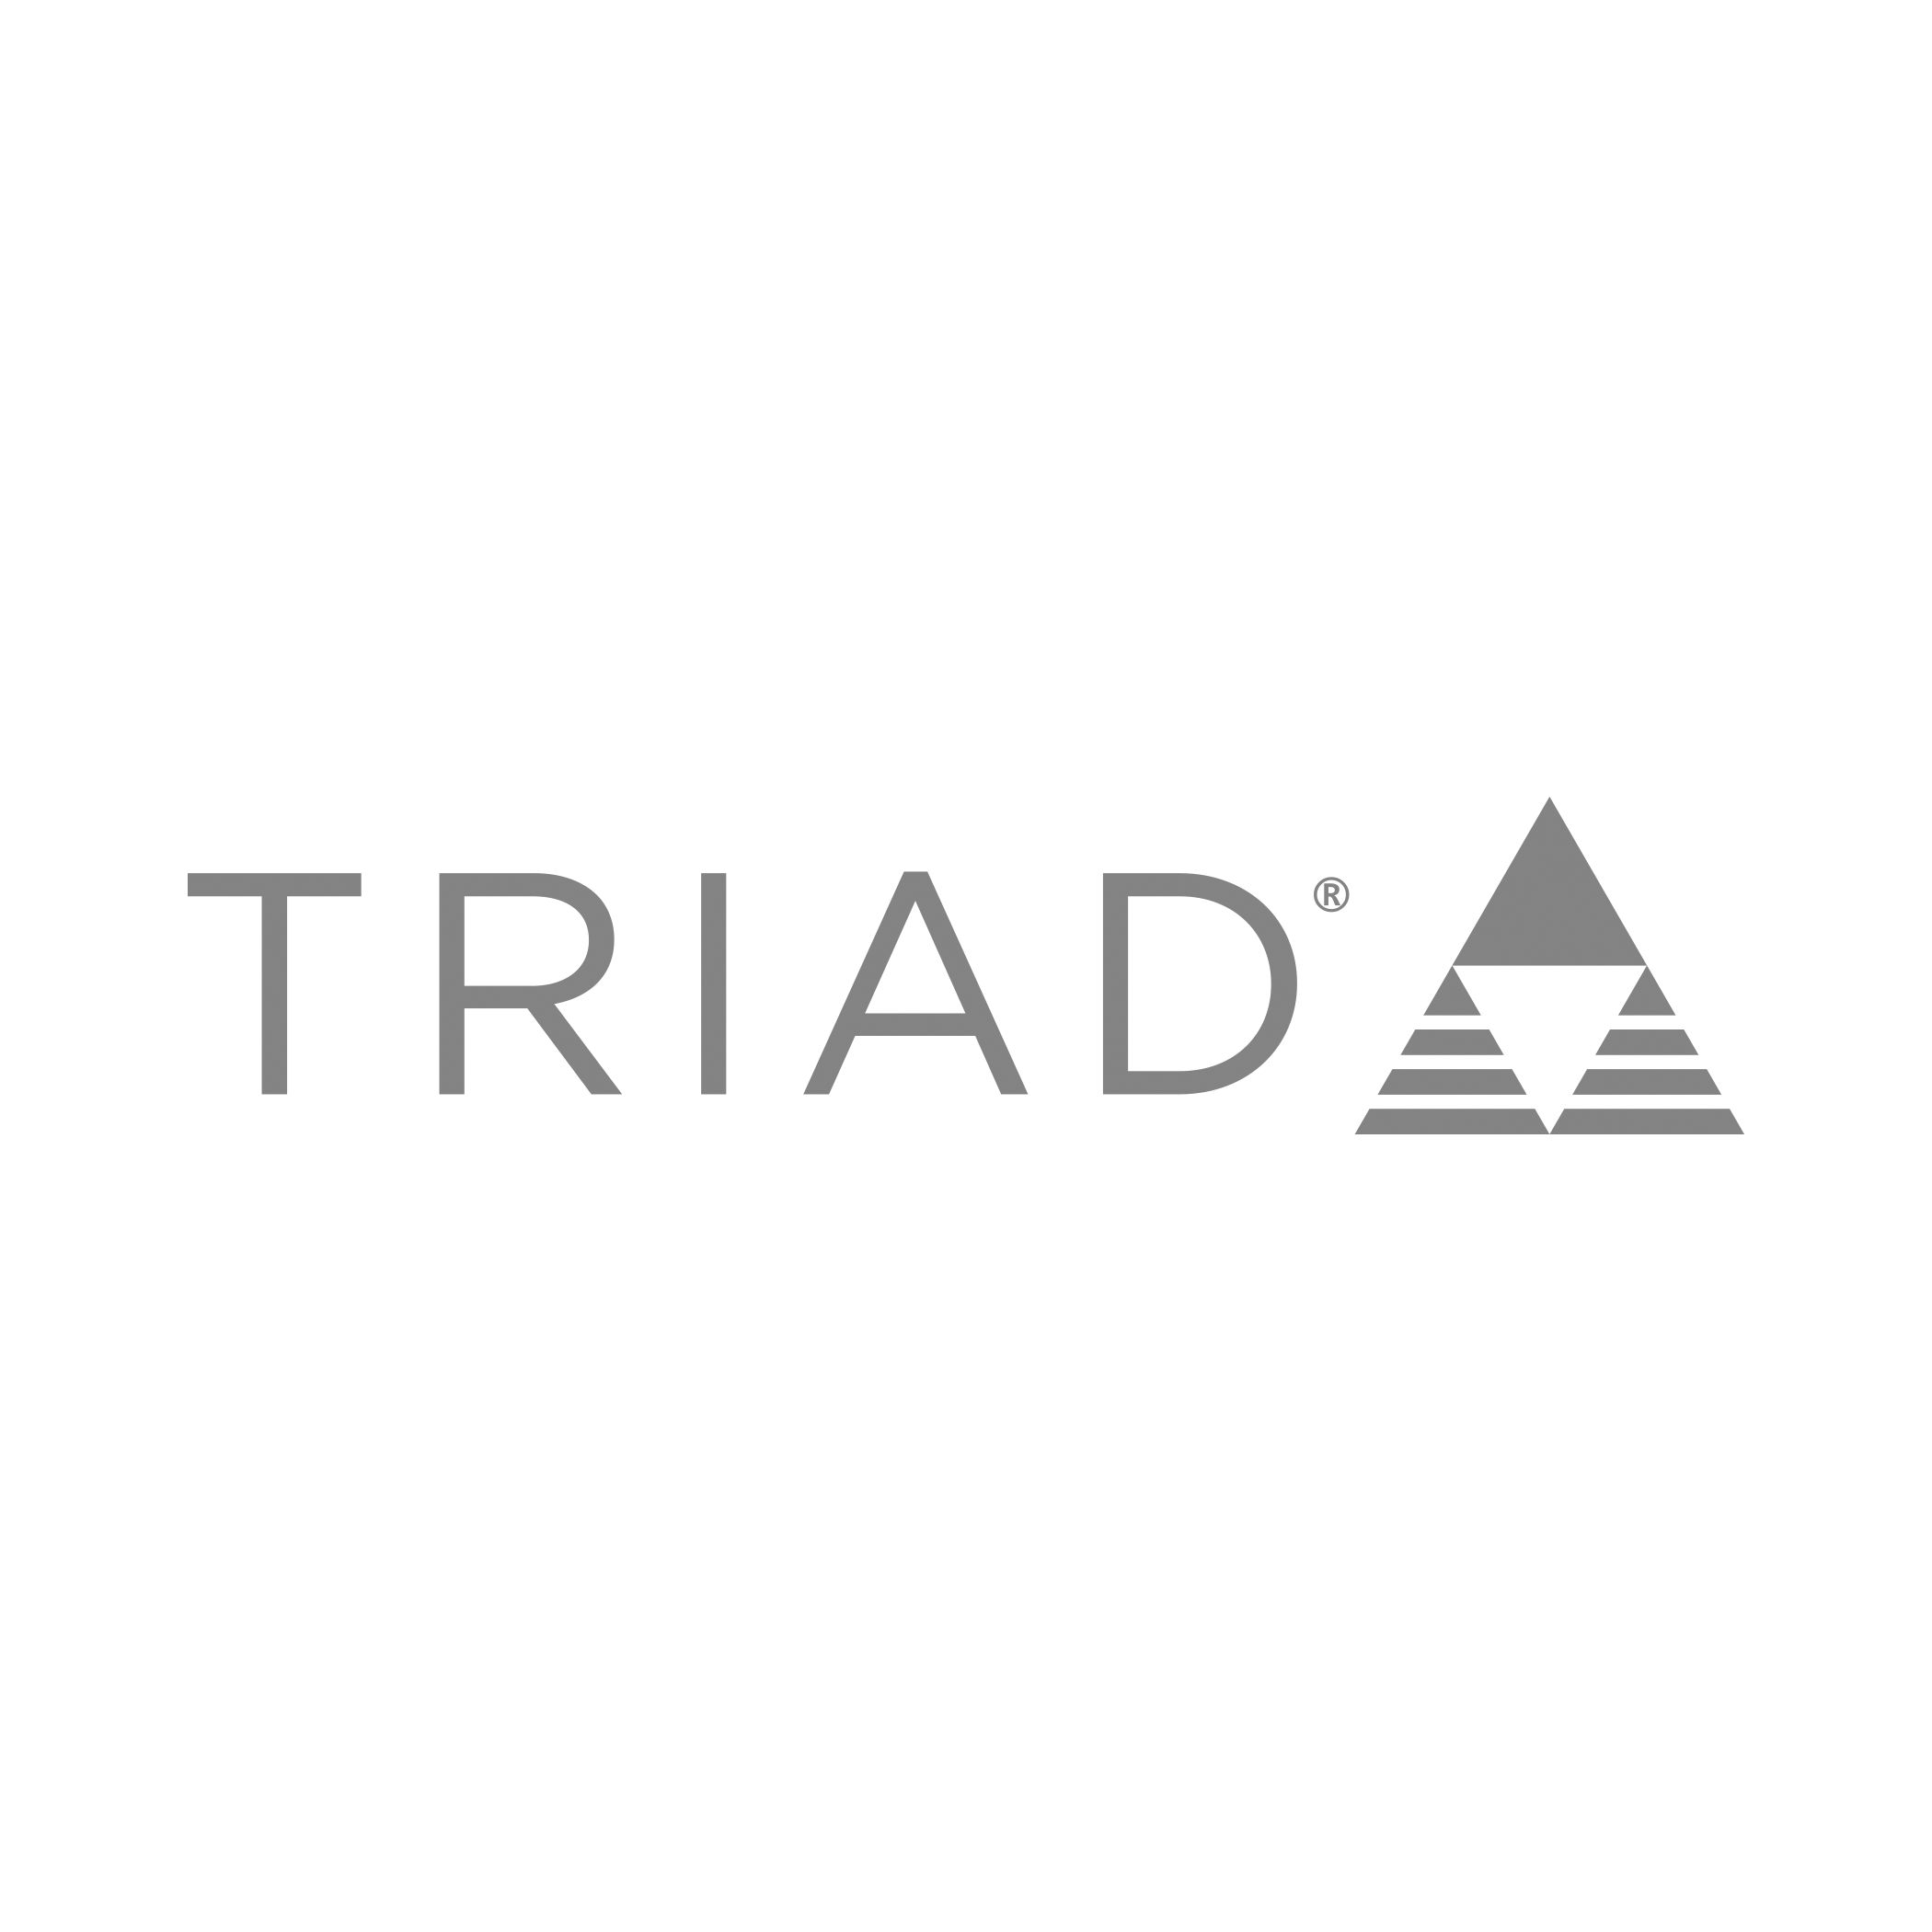 triad_logo_gray.png